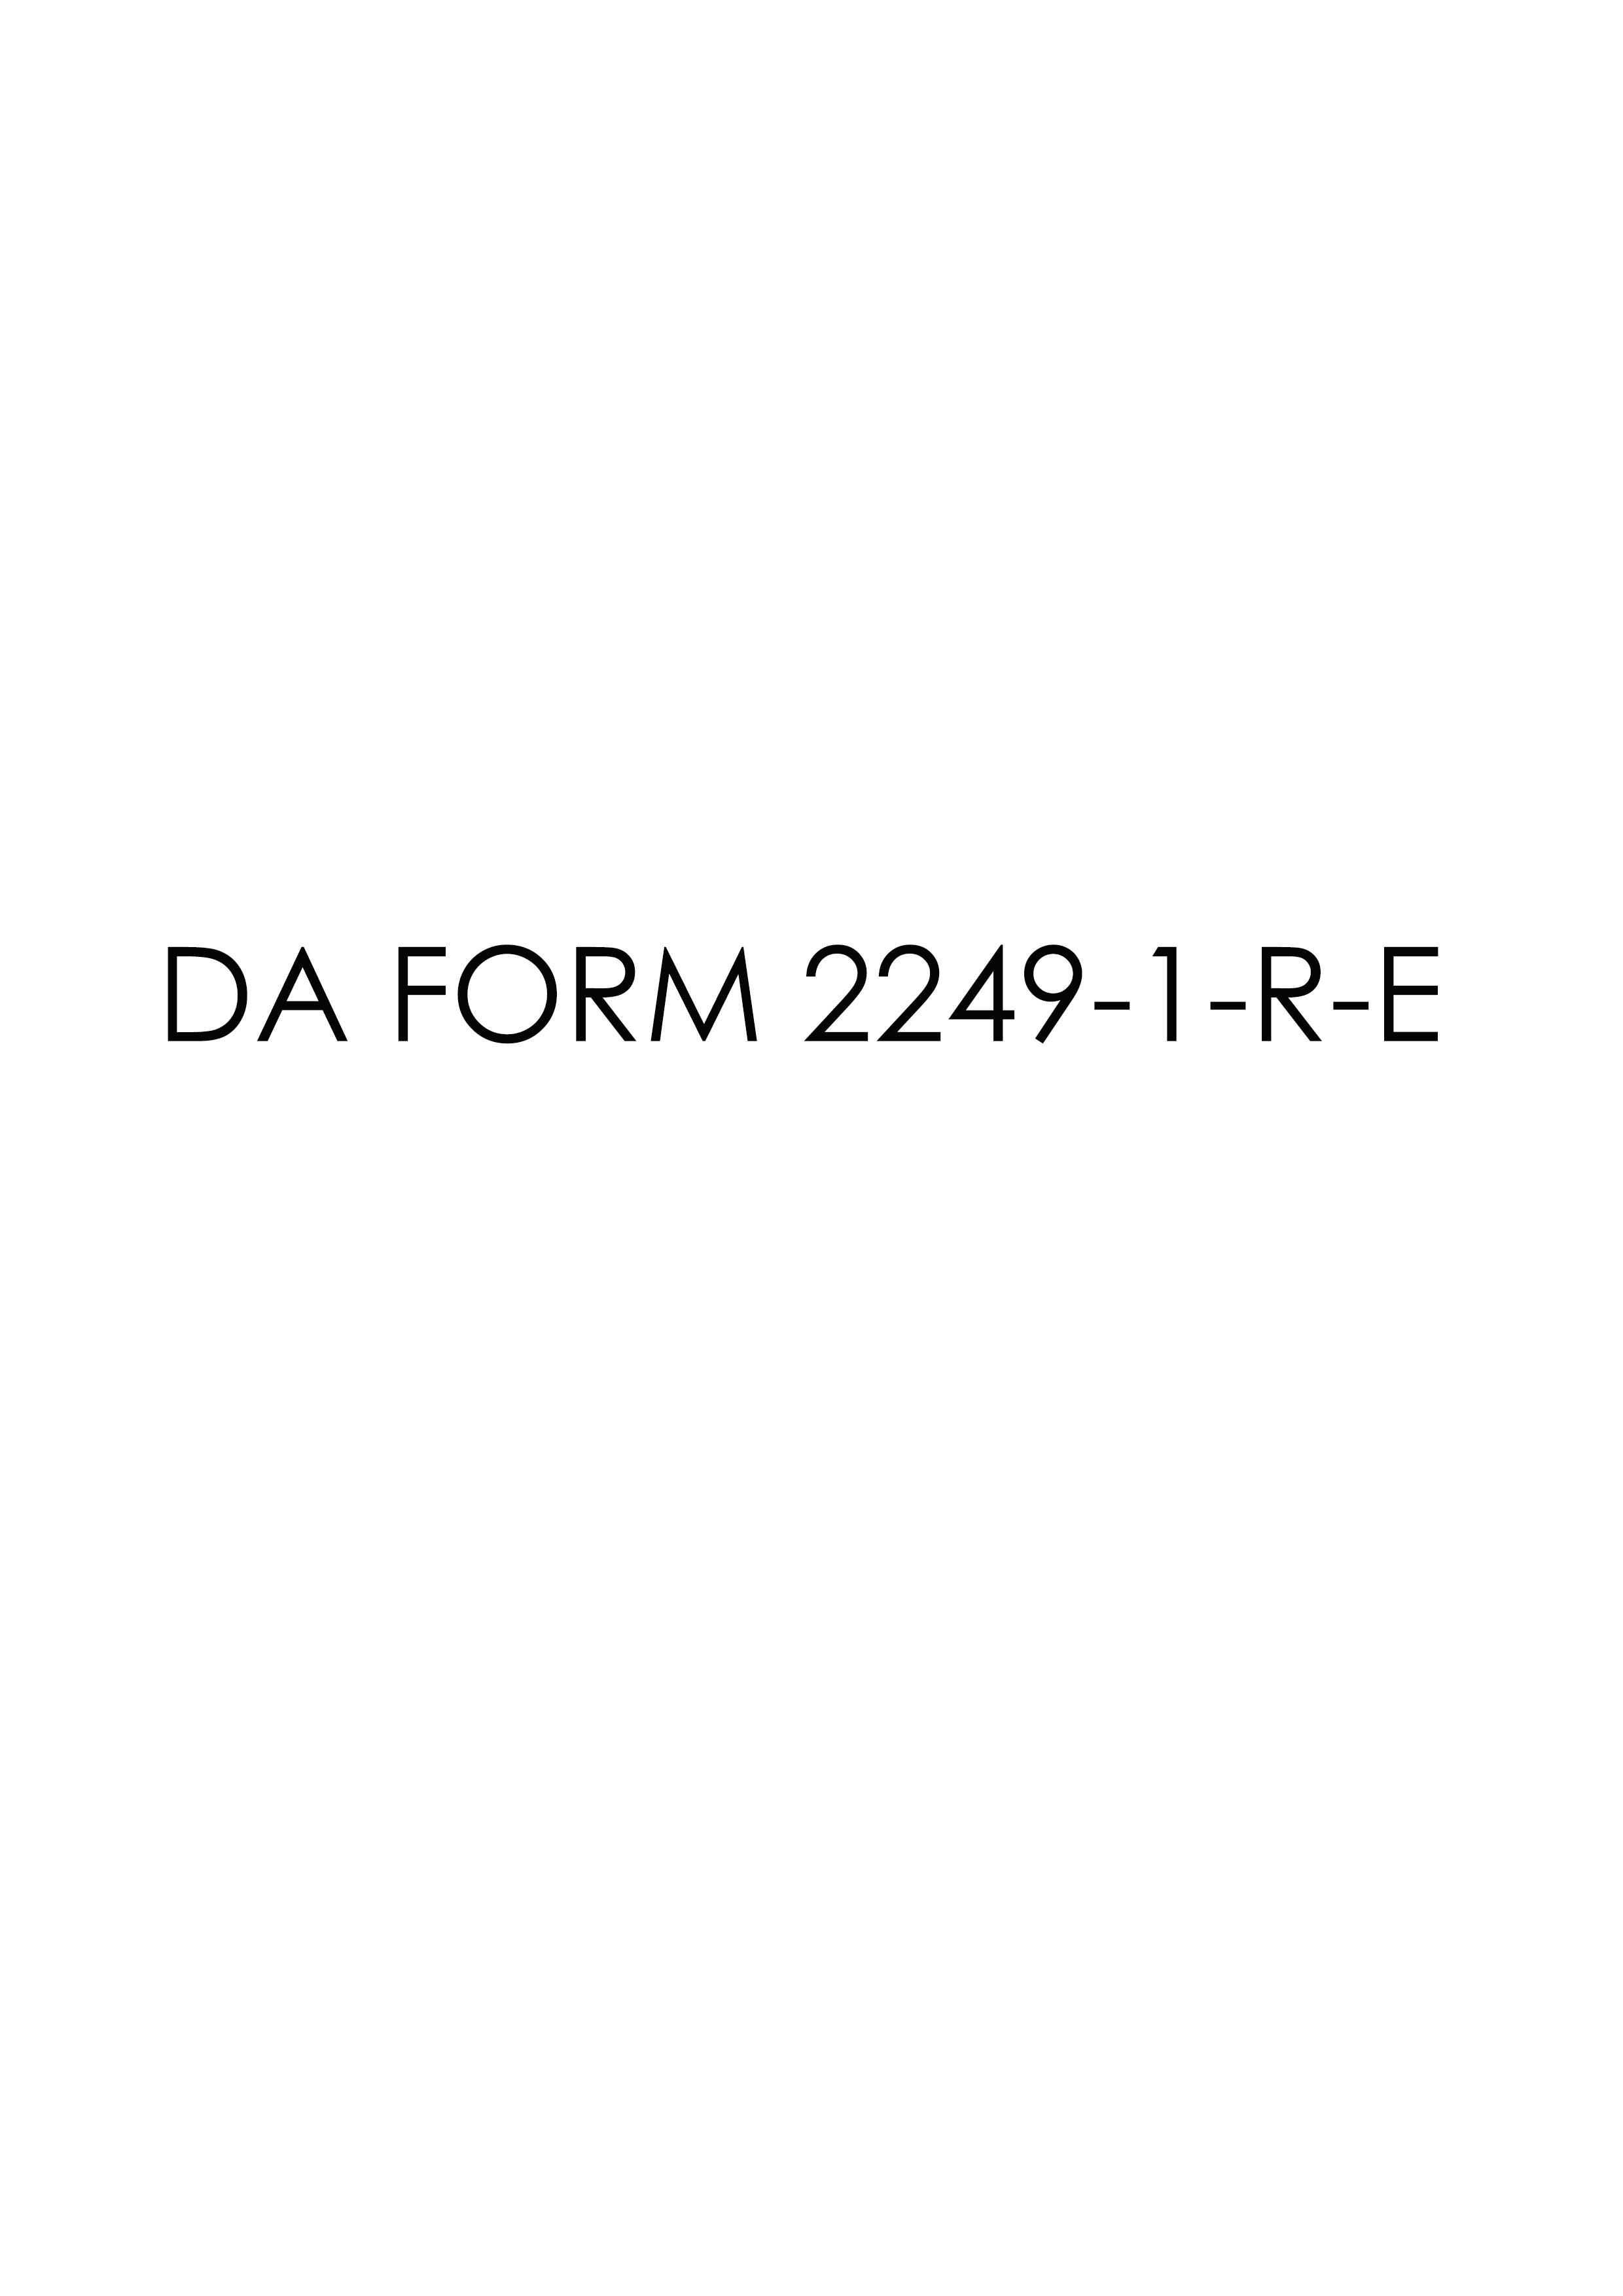 Download da Form 2249-1-R-E Free